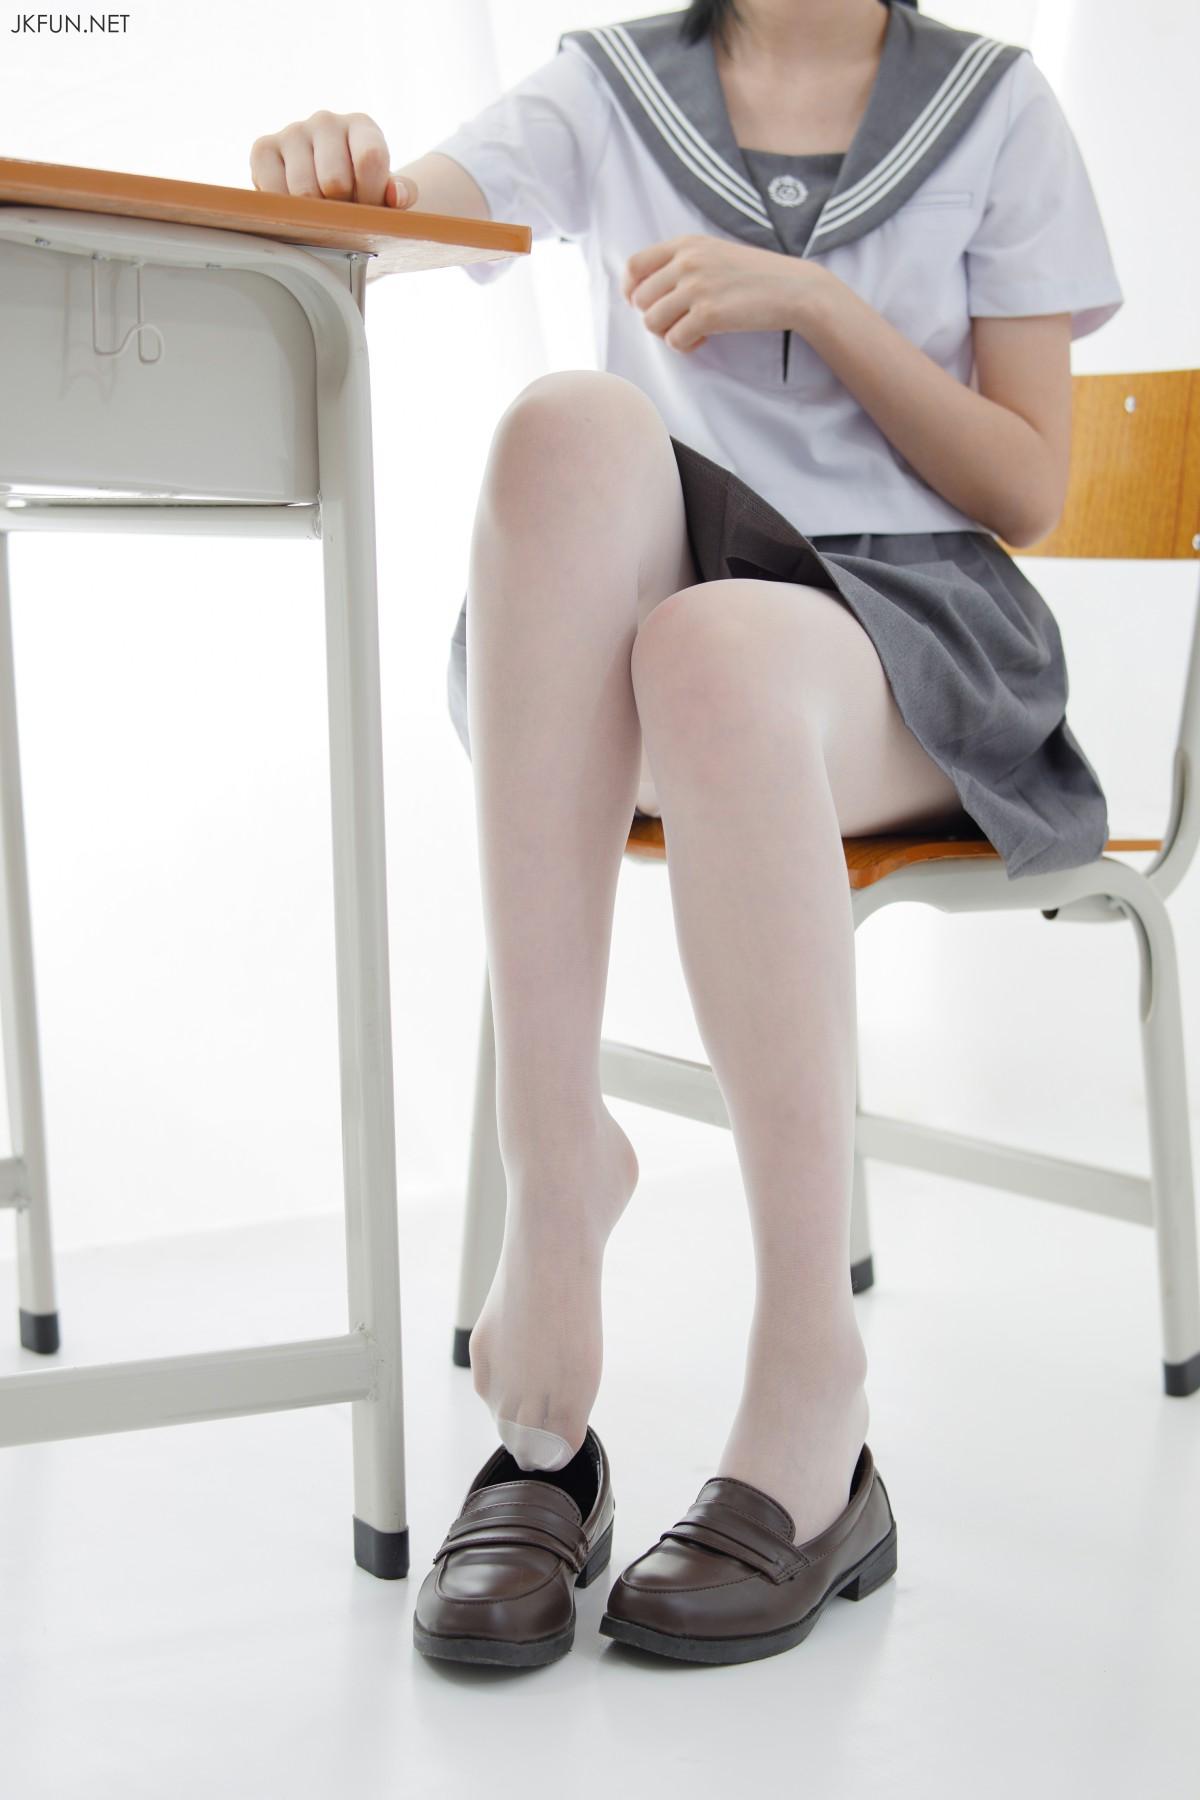 [森萝财团]JKFUN 018 15D超薄白丝 小青[108P] 森萝财团 第4张